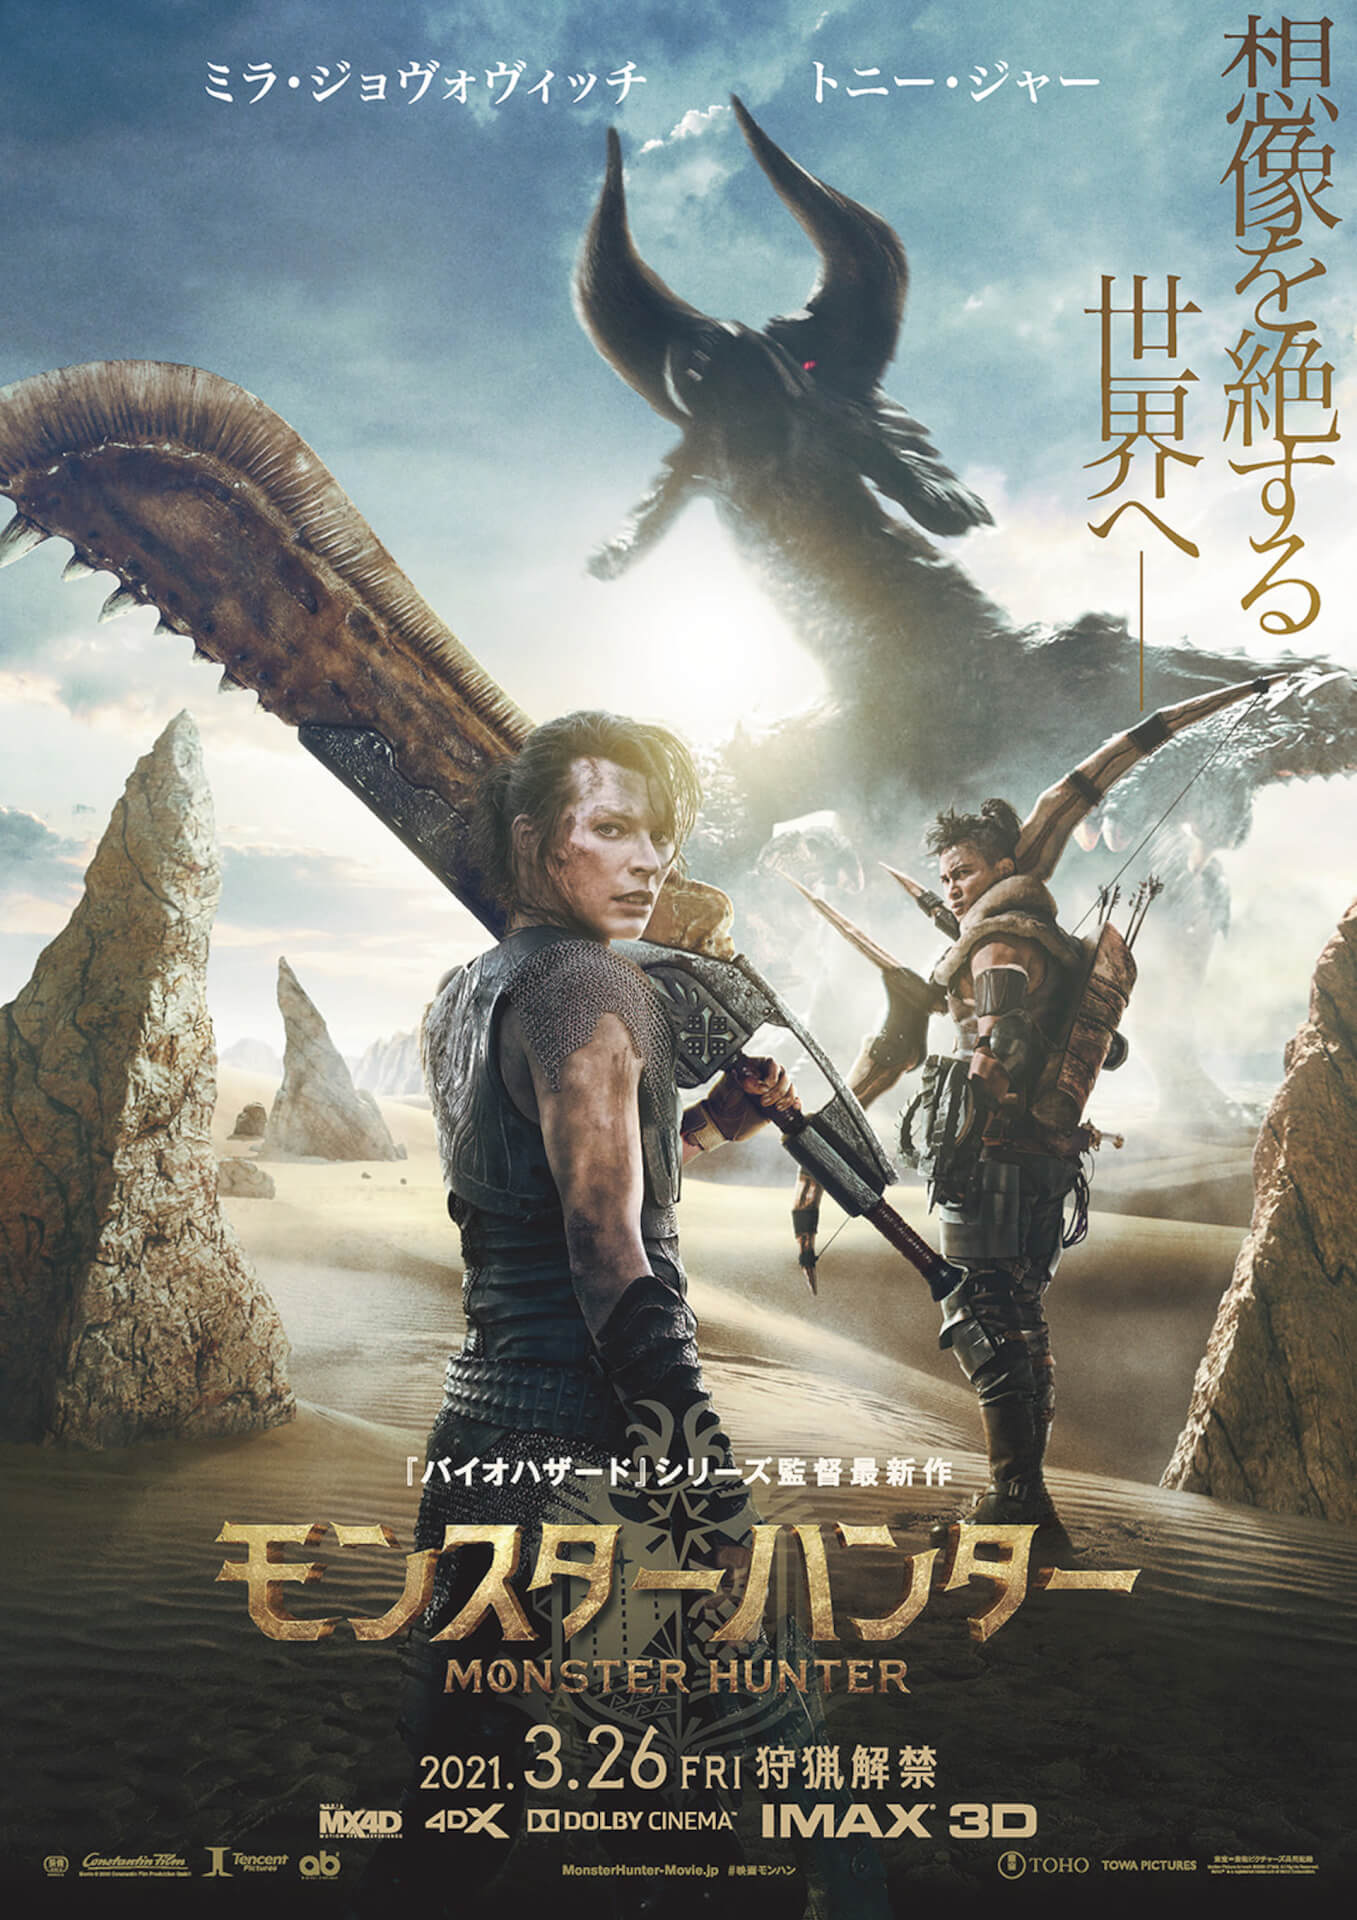 ついにリオレウス&ディアブロス亜種の姿も!ミラ・ジョヴォヴィッチ主演映画『モンスターハンター』の本予告映像が解禁 film201120_monsterhunter_2